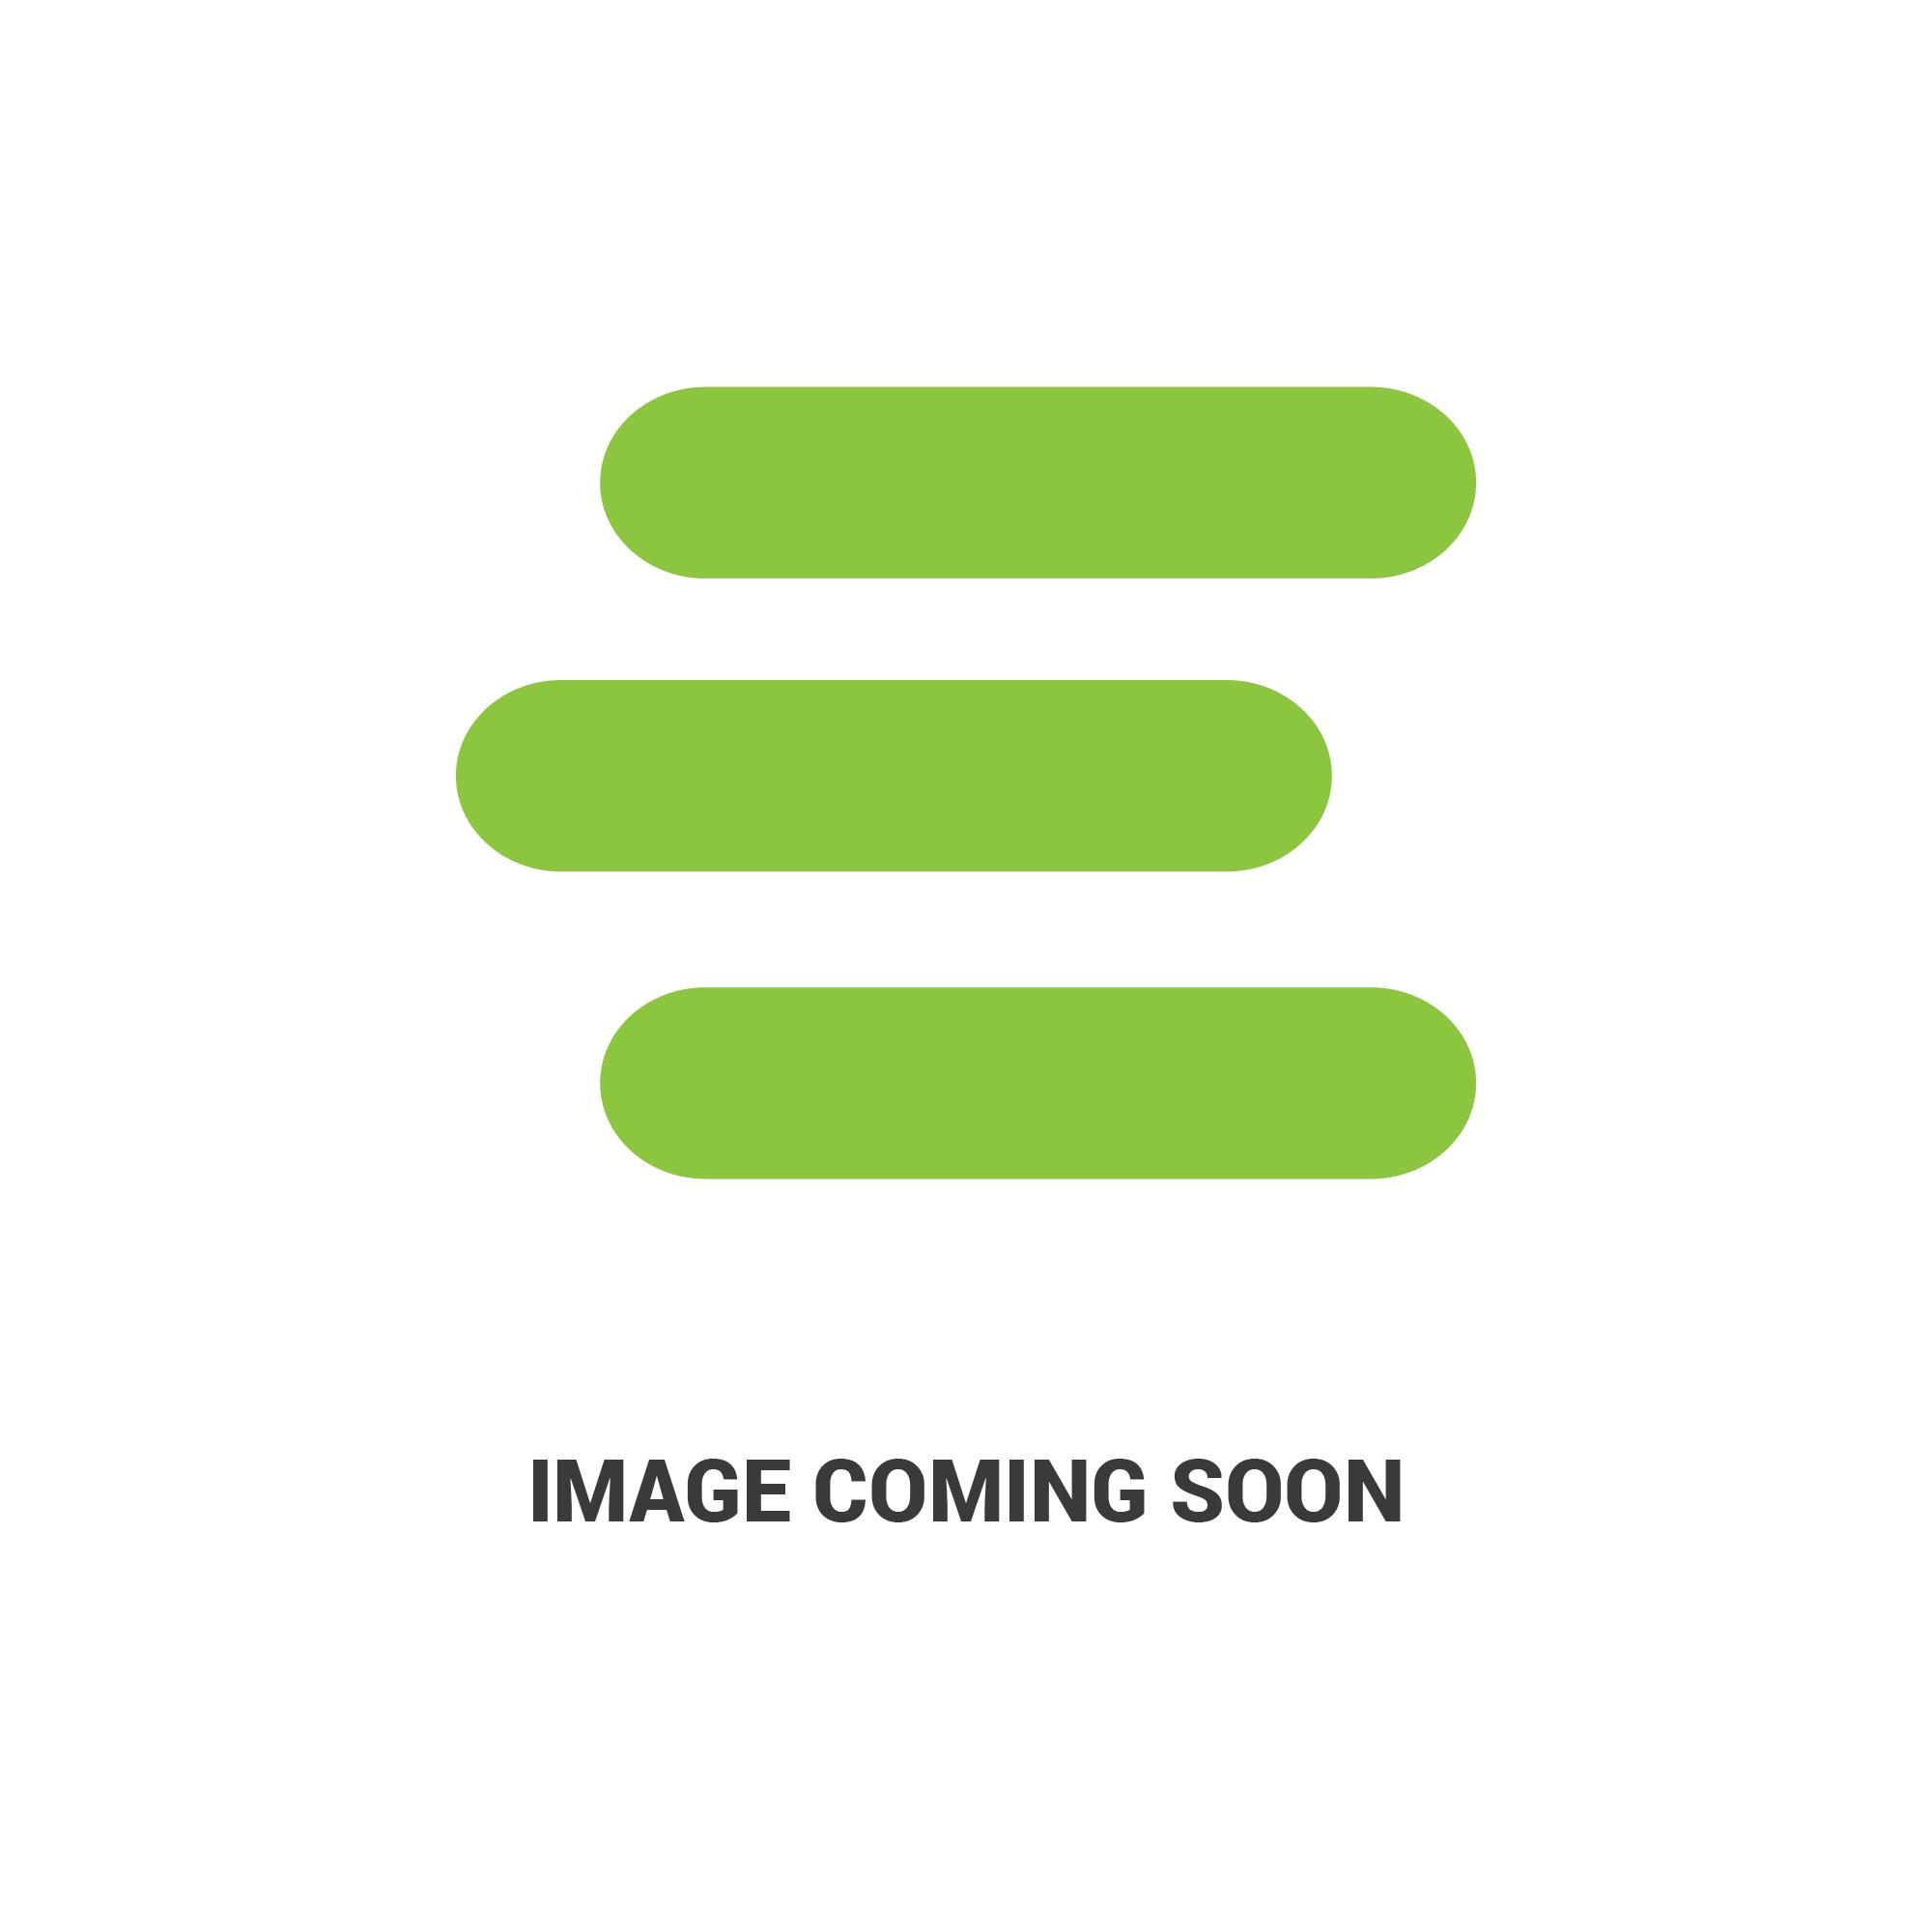 E-3C001-82952edit 1.jpg